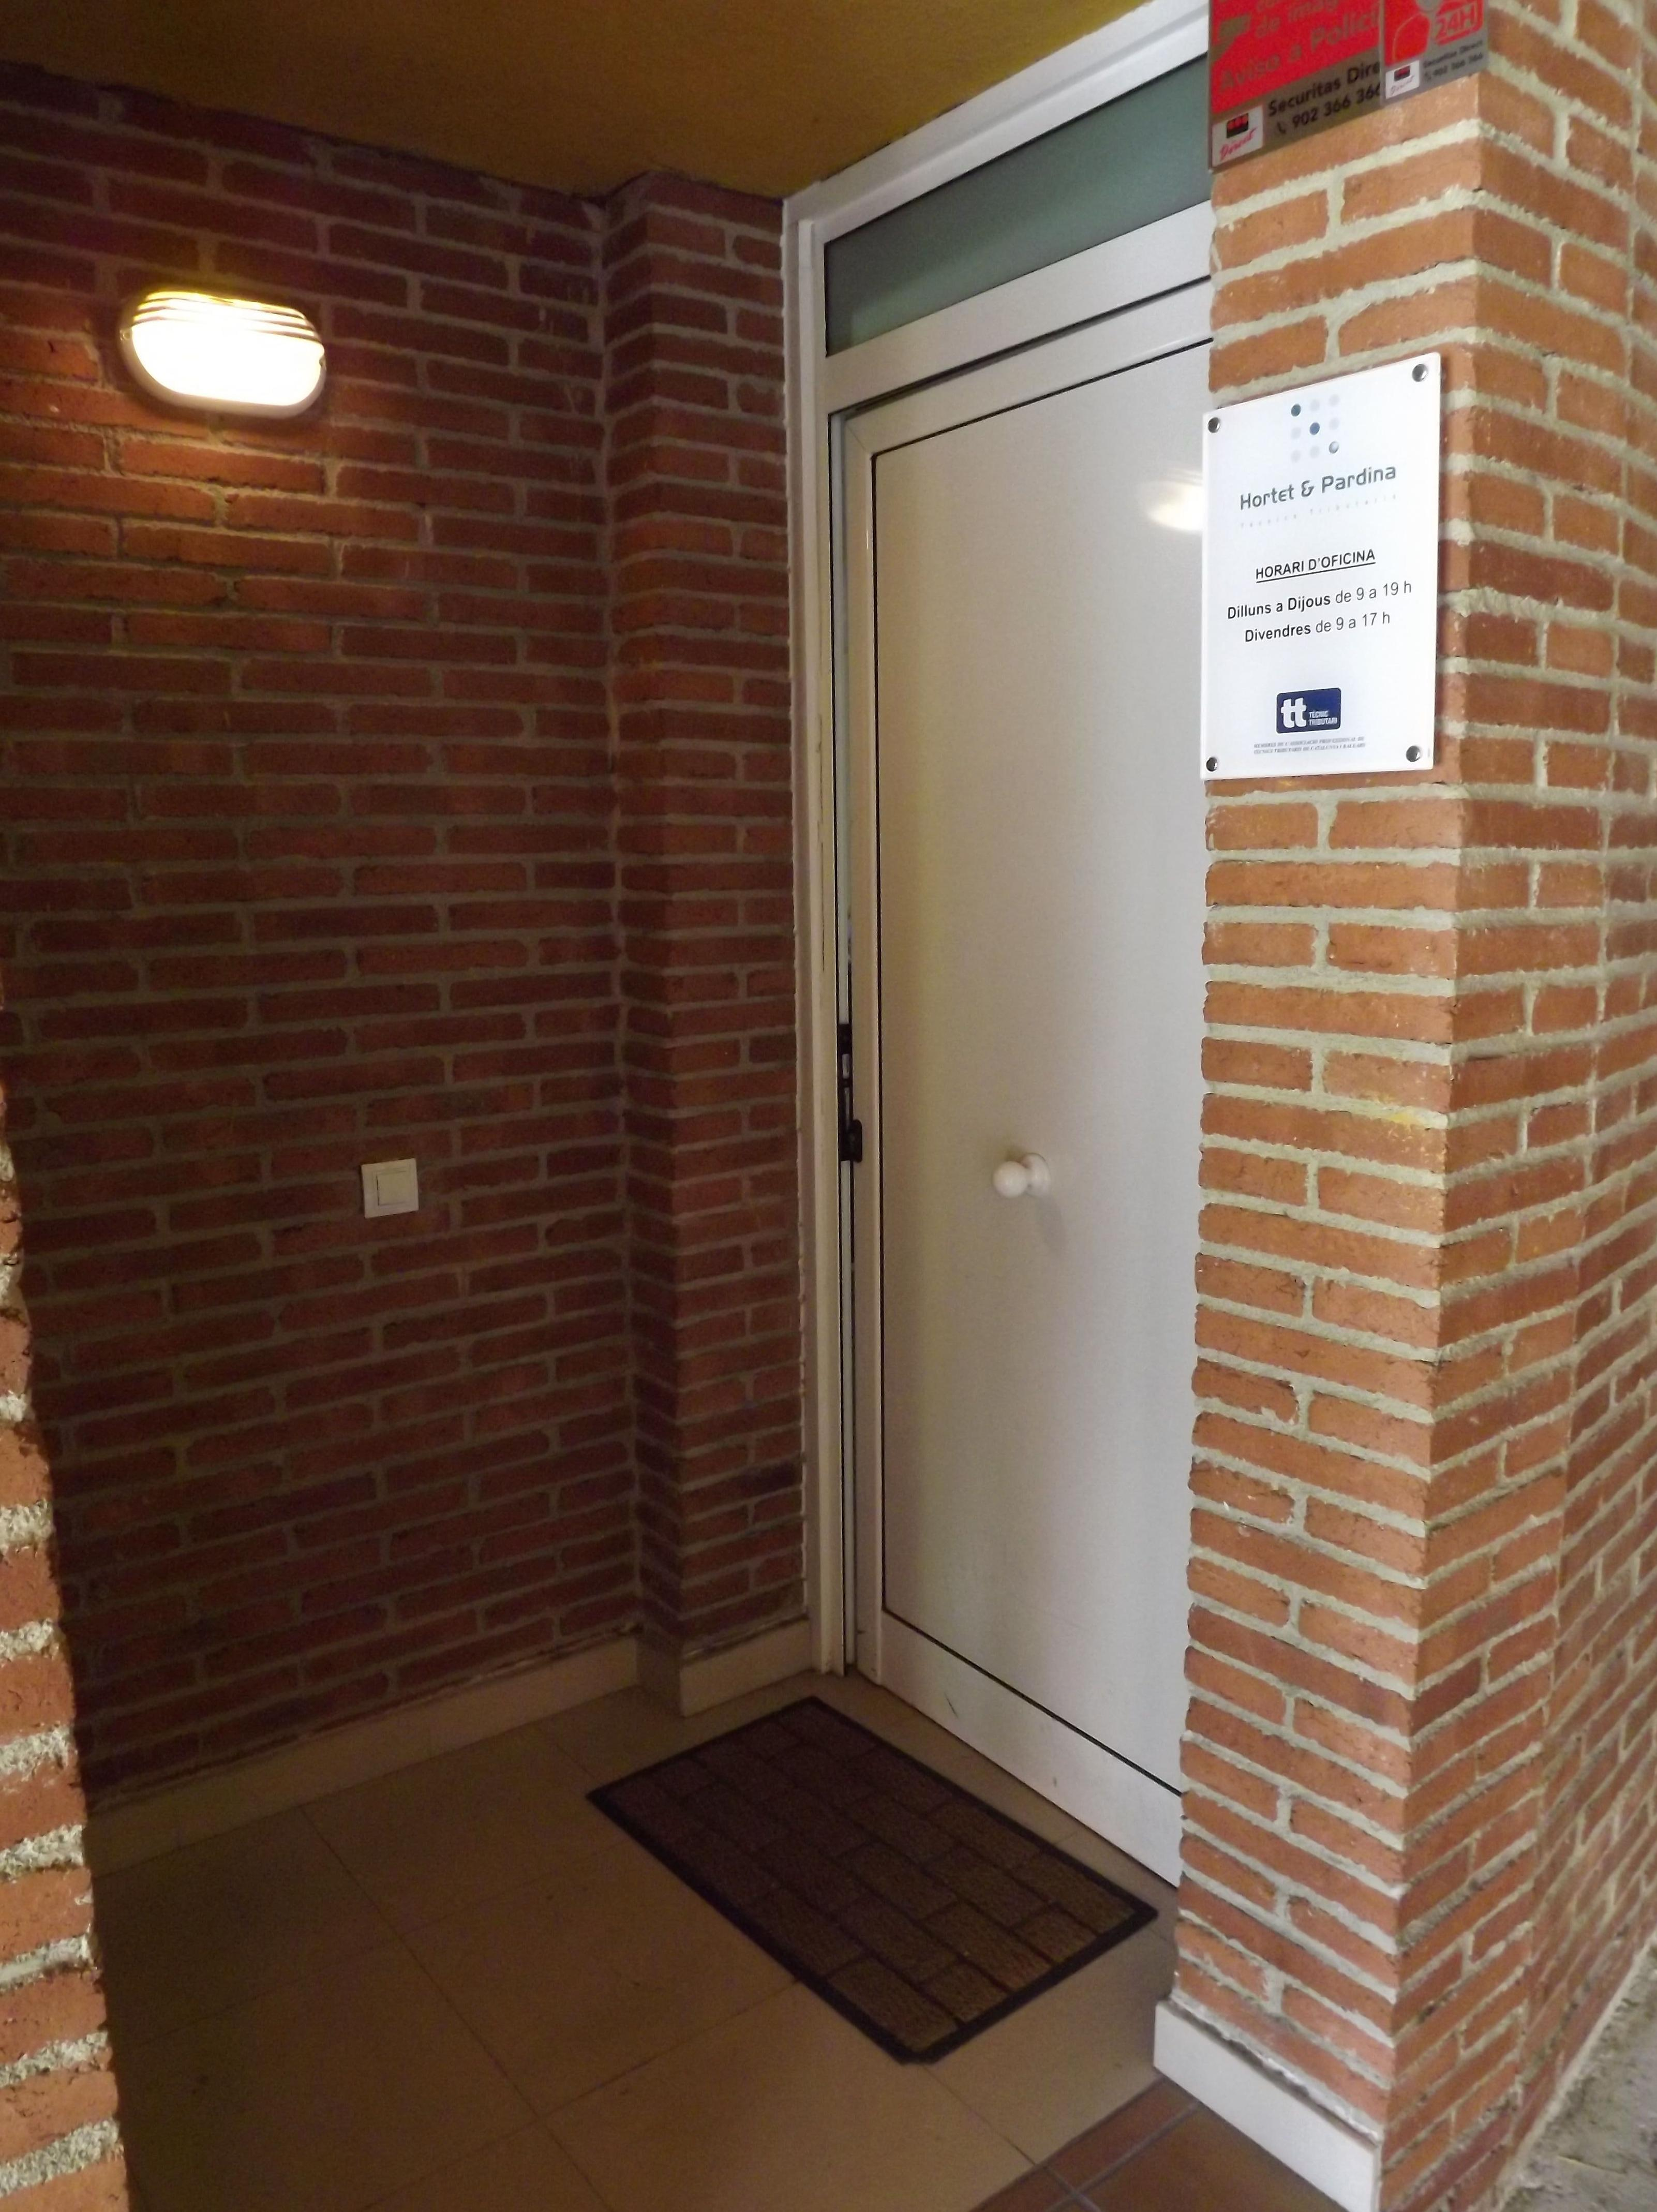 Foto 3 de Asesorías de empresa en Montgat | Hortet & Pardina S. L.